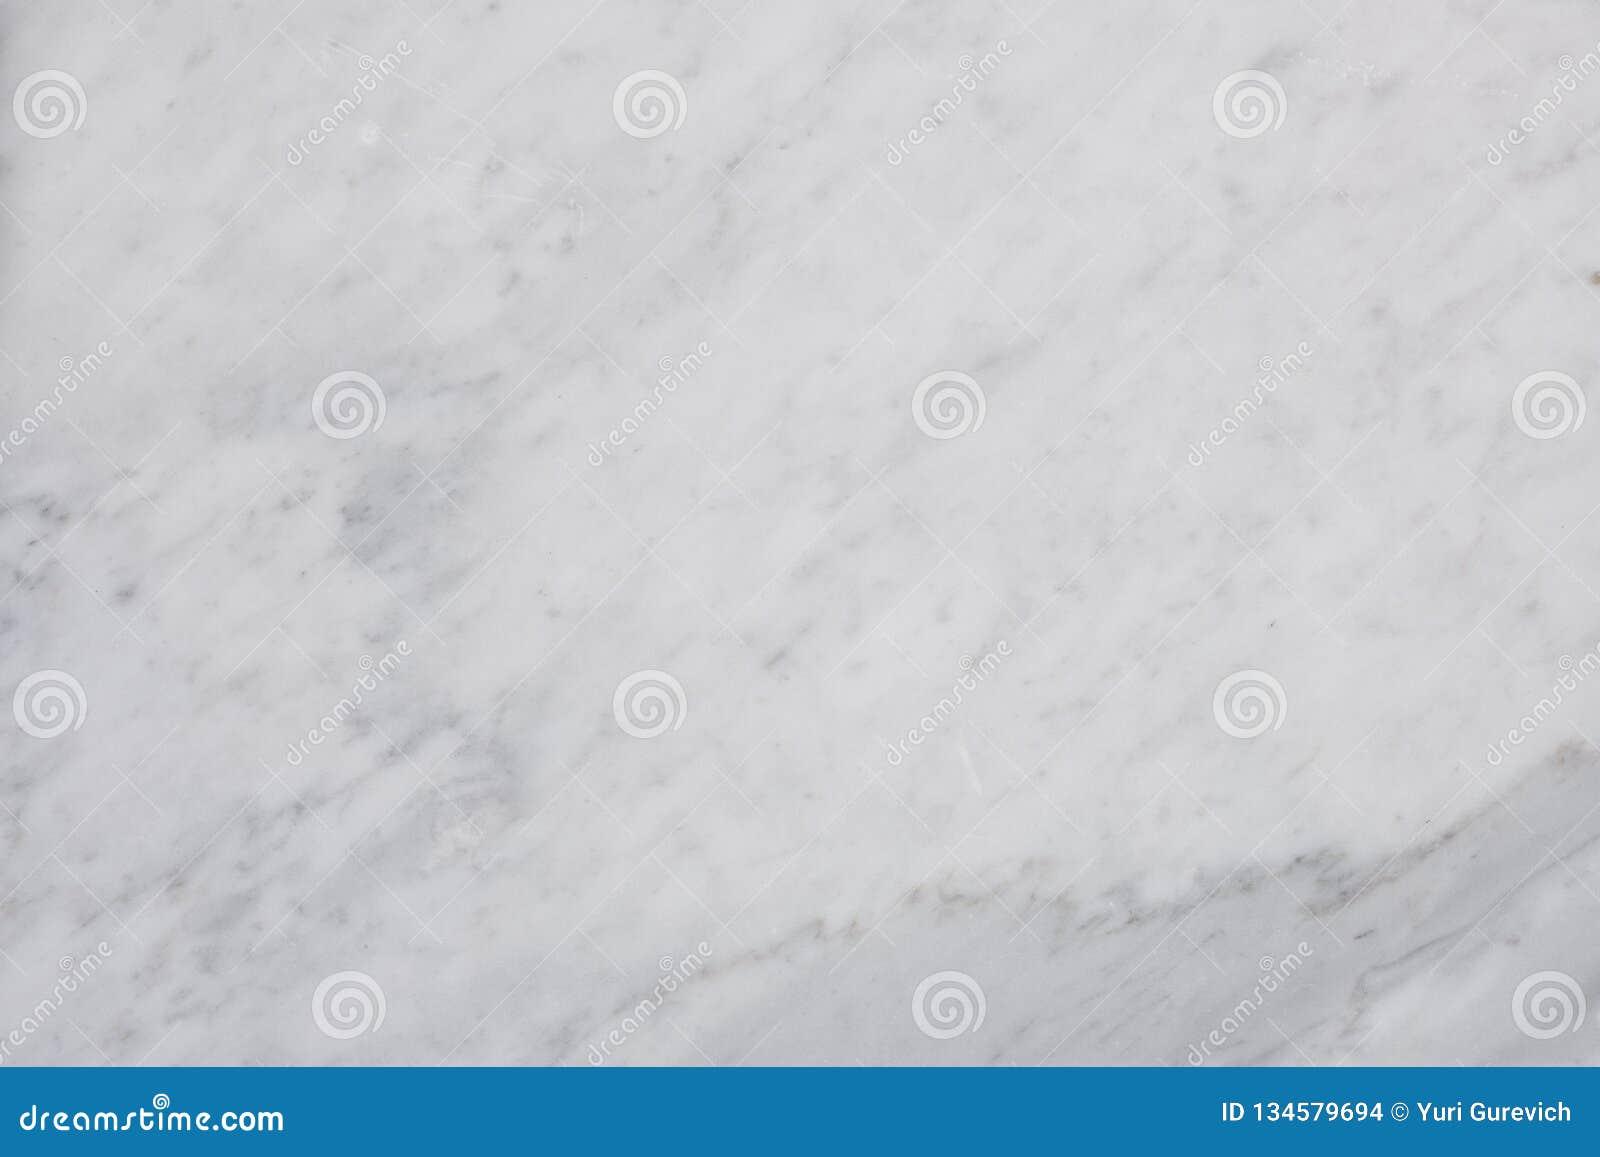 Άσπρη μαρμάρινη σύσταση για το πολυτελές υπόβαθρο ταπετσαριών κεραμιδιών δερμάτων